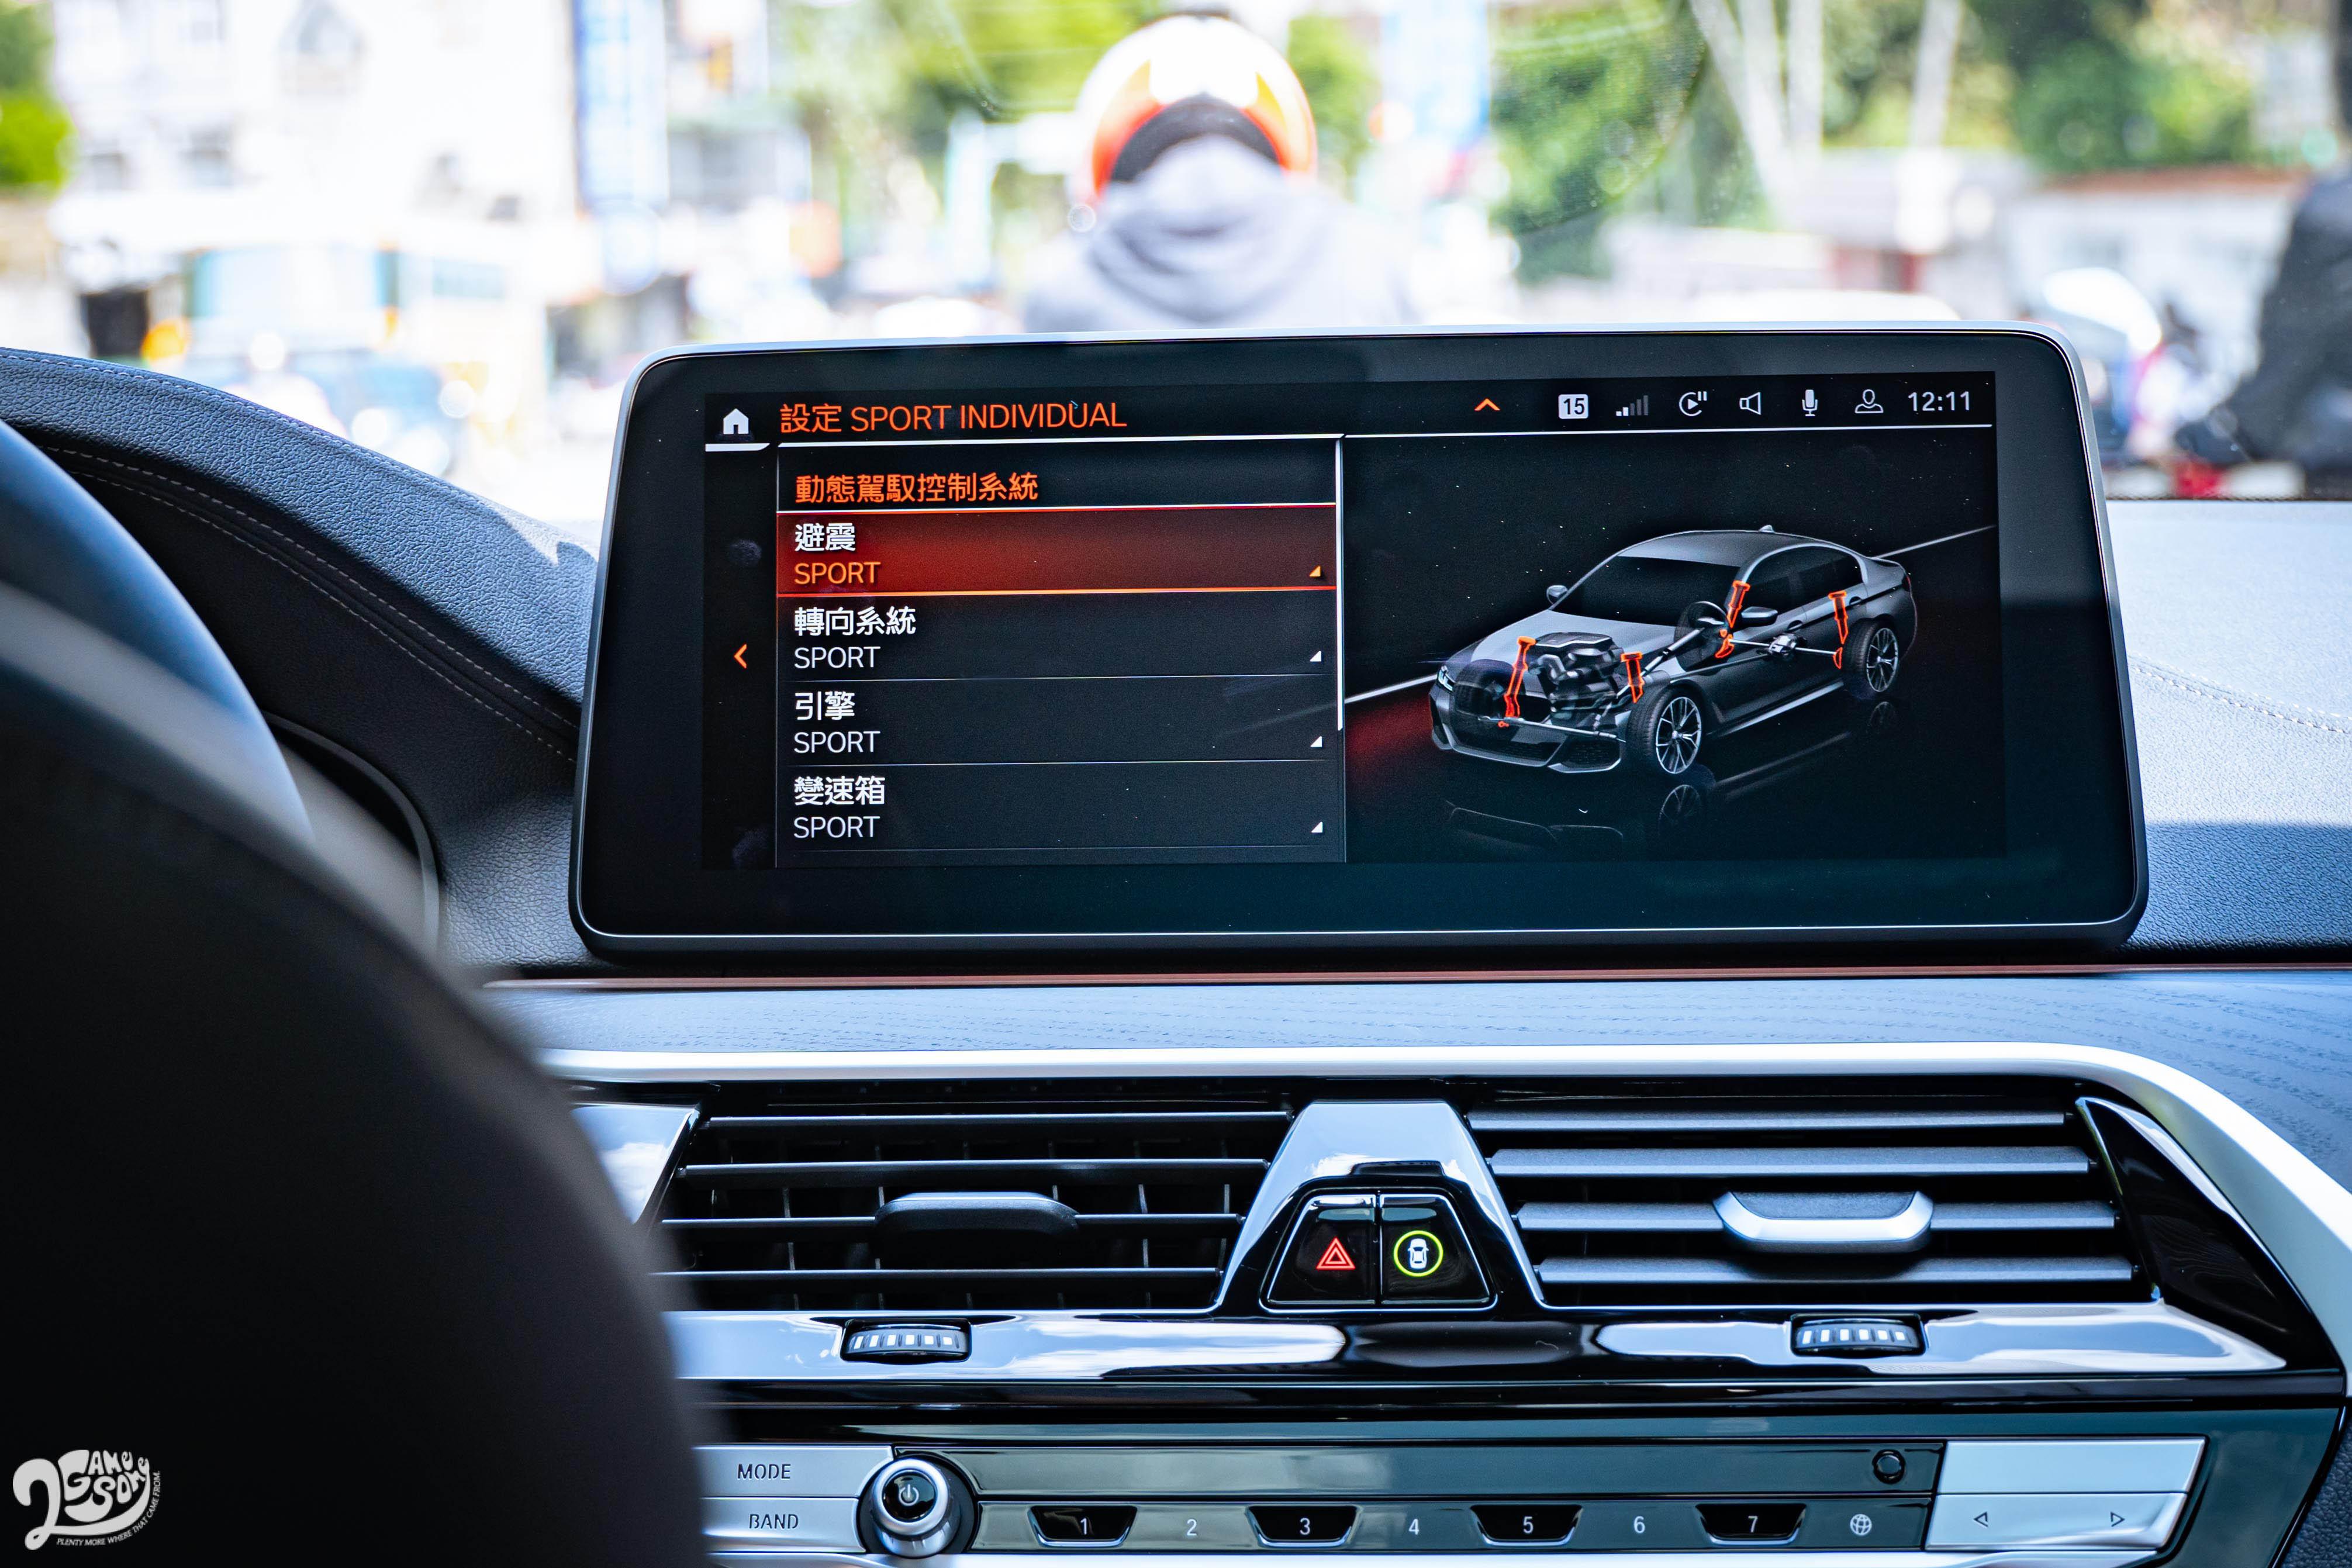 Individual 模式可單獨調整避震、轉向、引擎、變速箱反應。